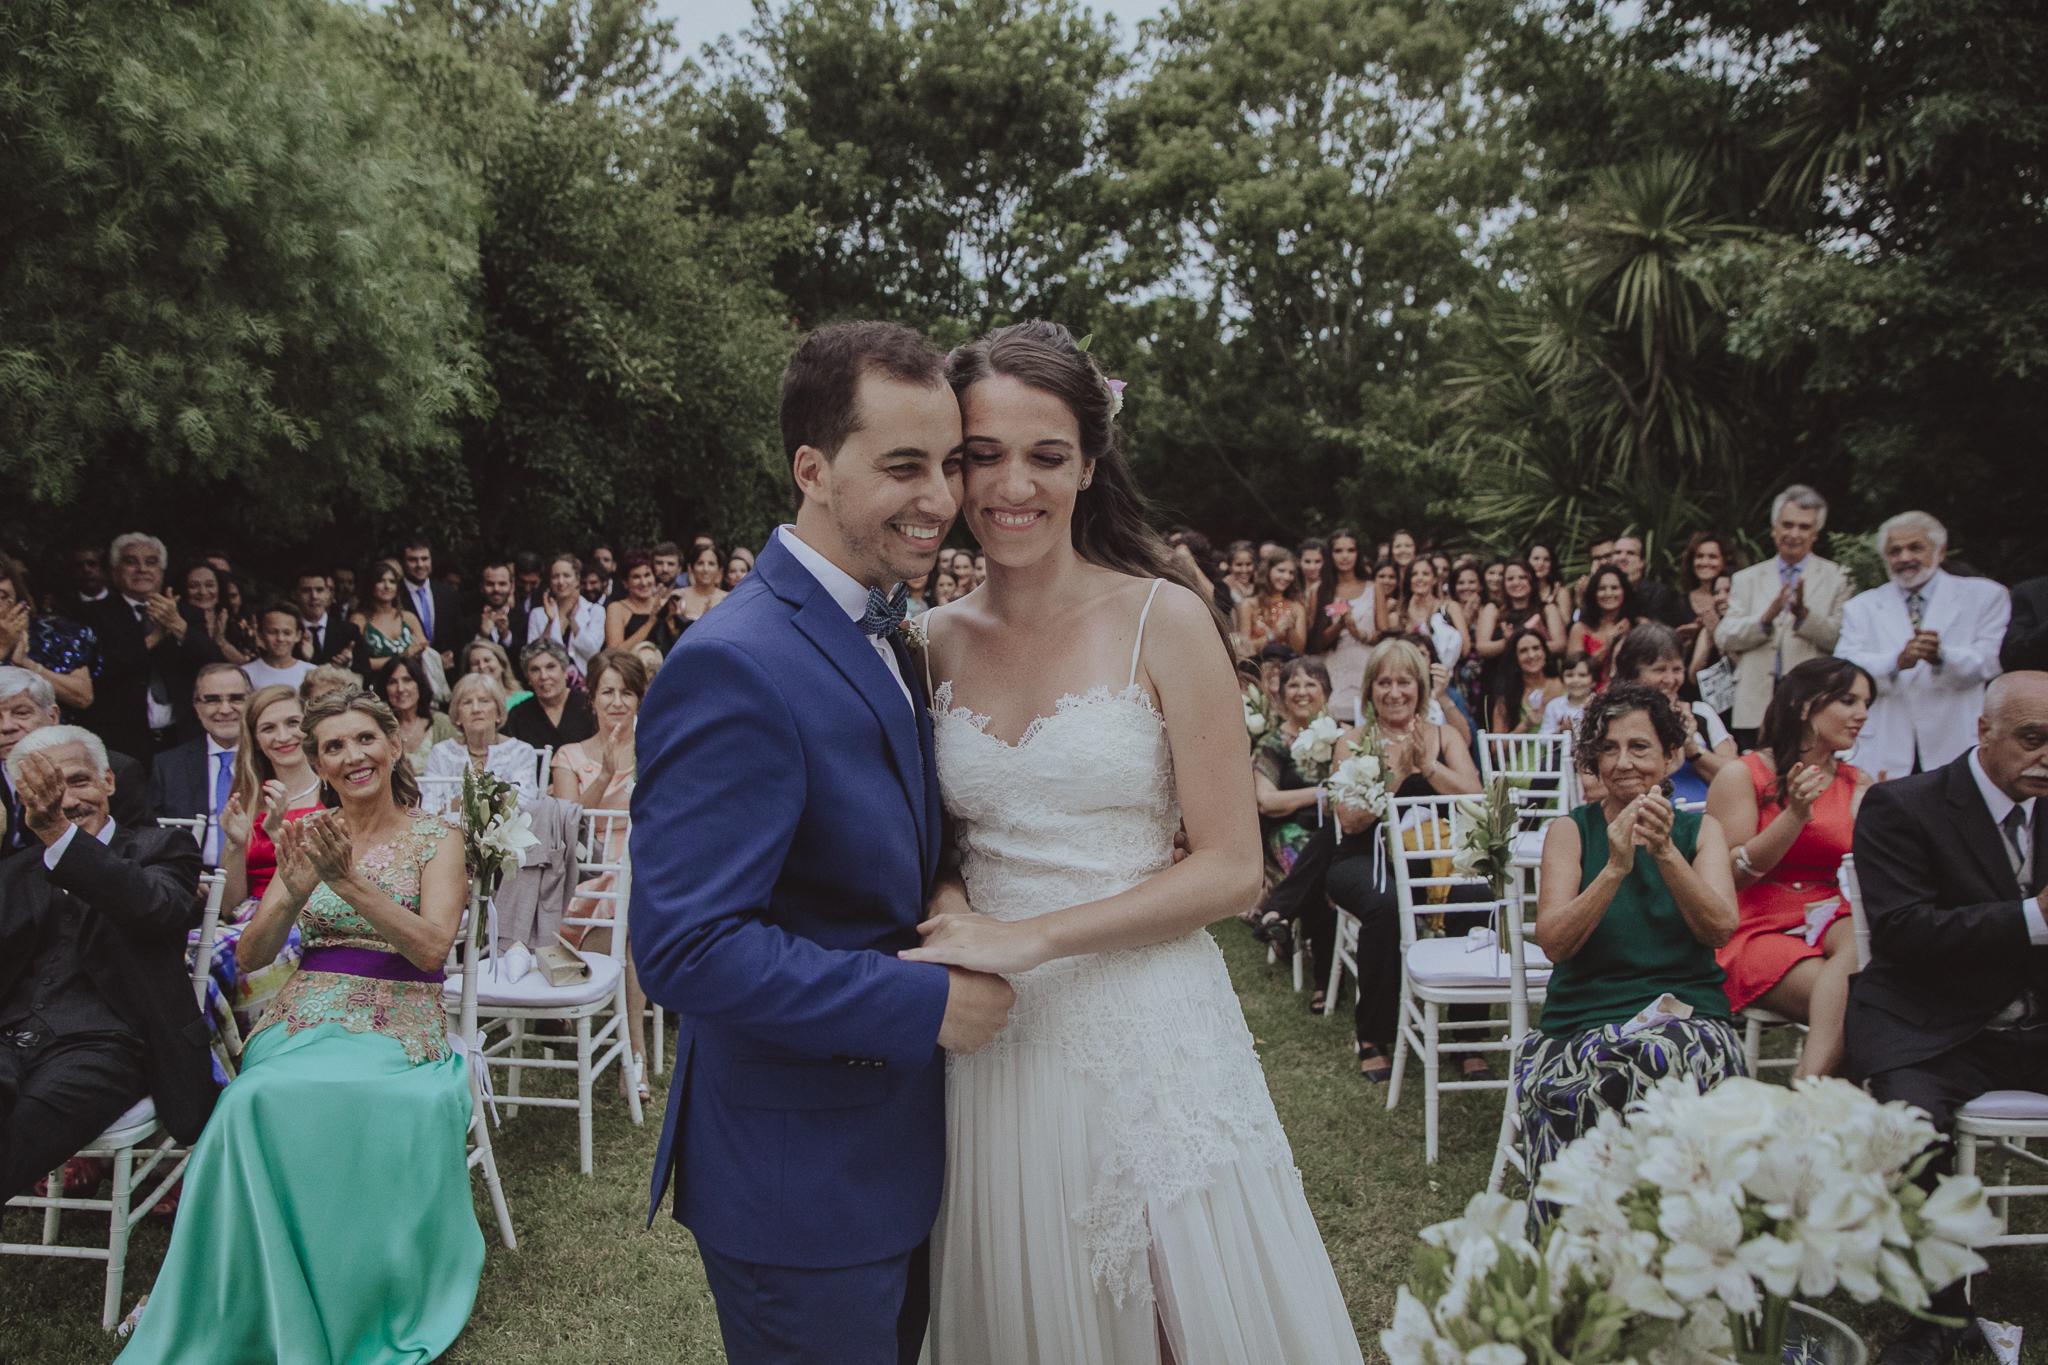 fotografo de bodas - mikaalvarez - nye -01